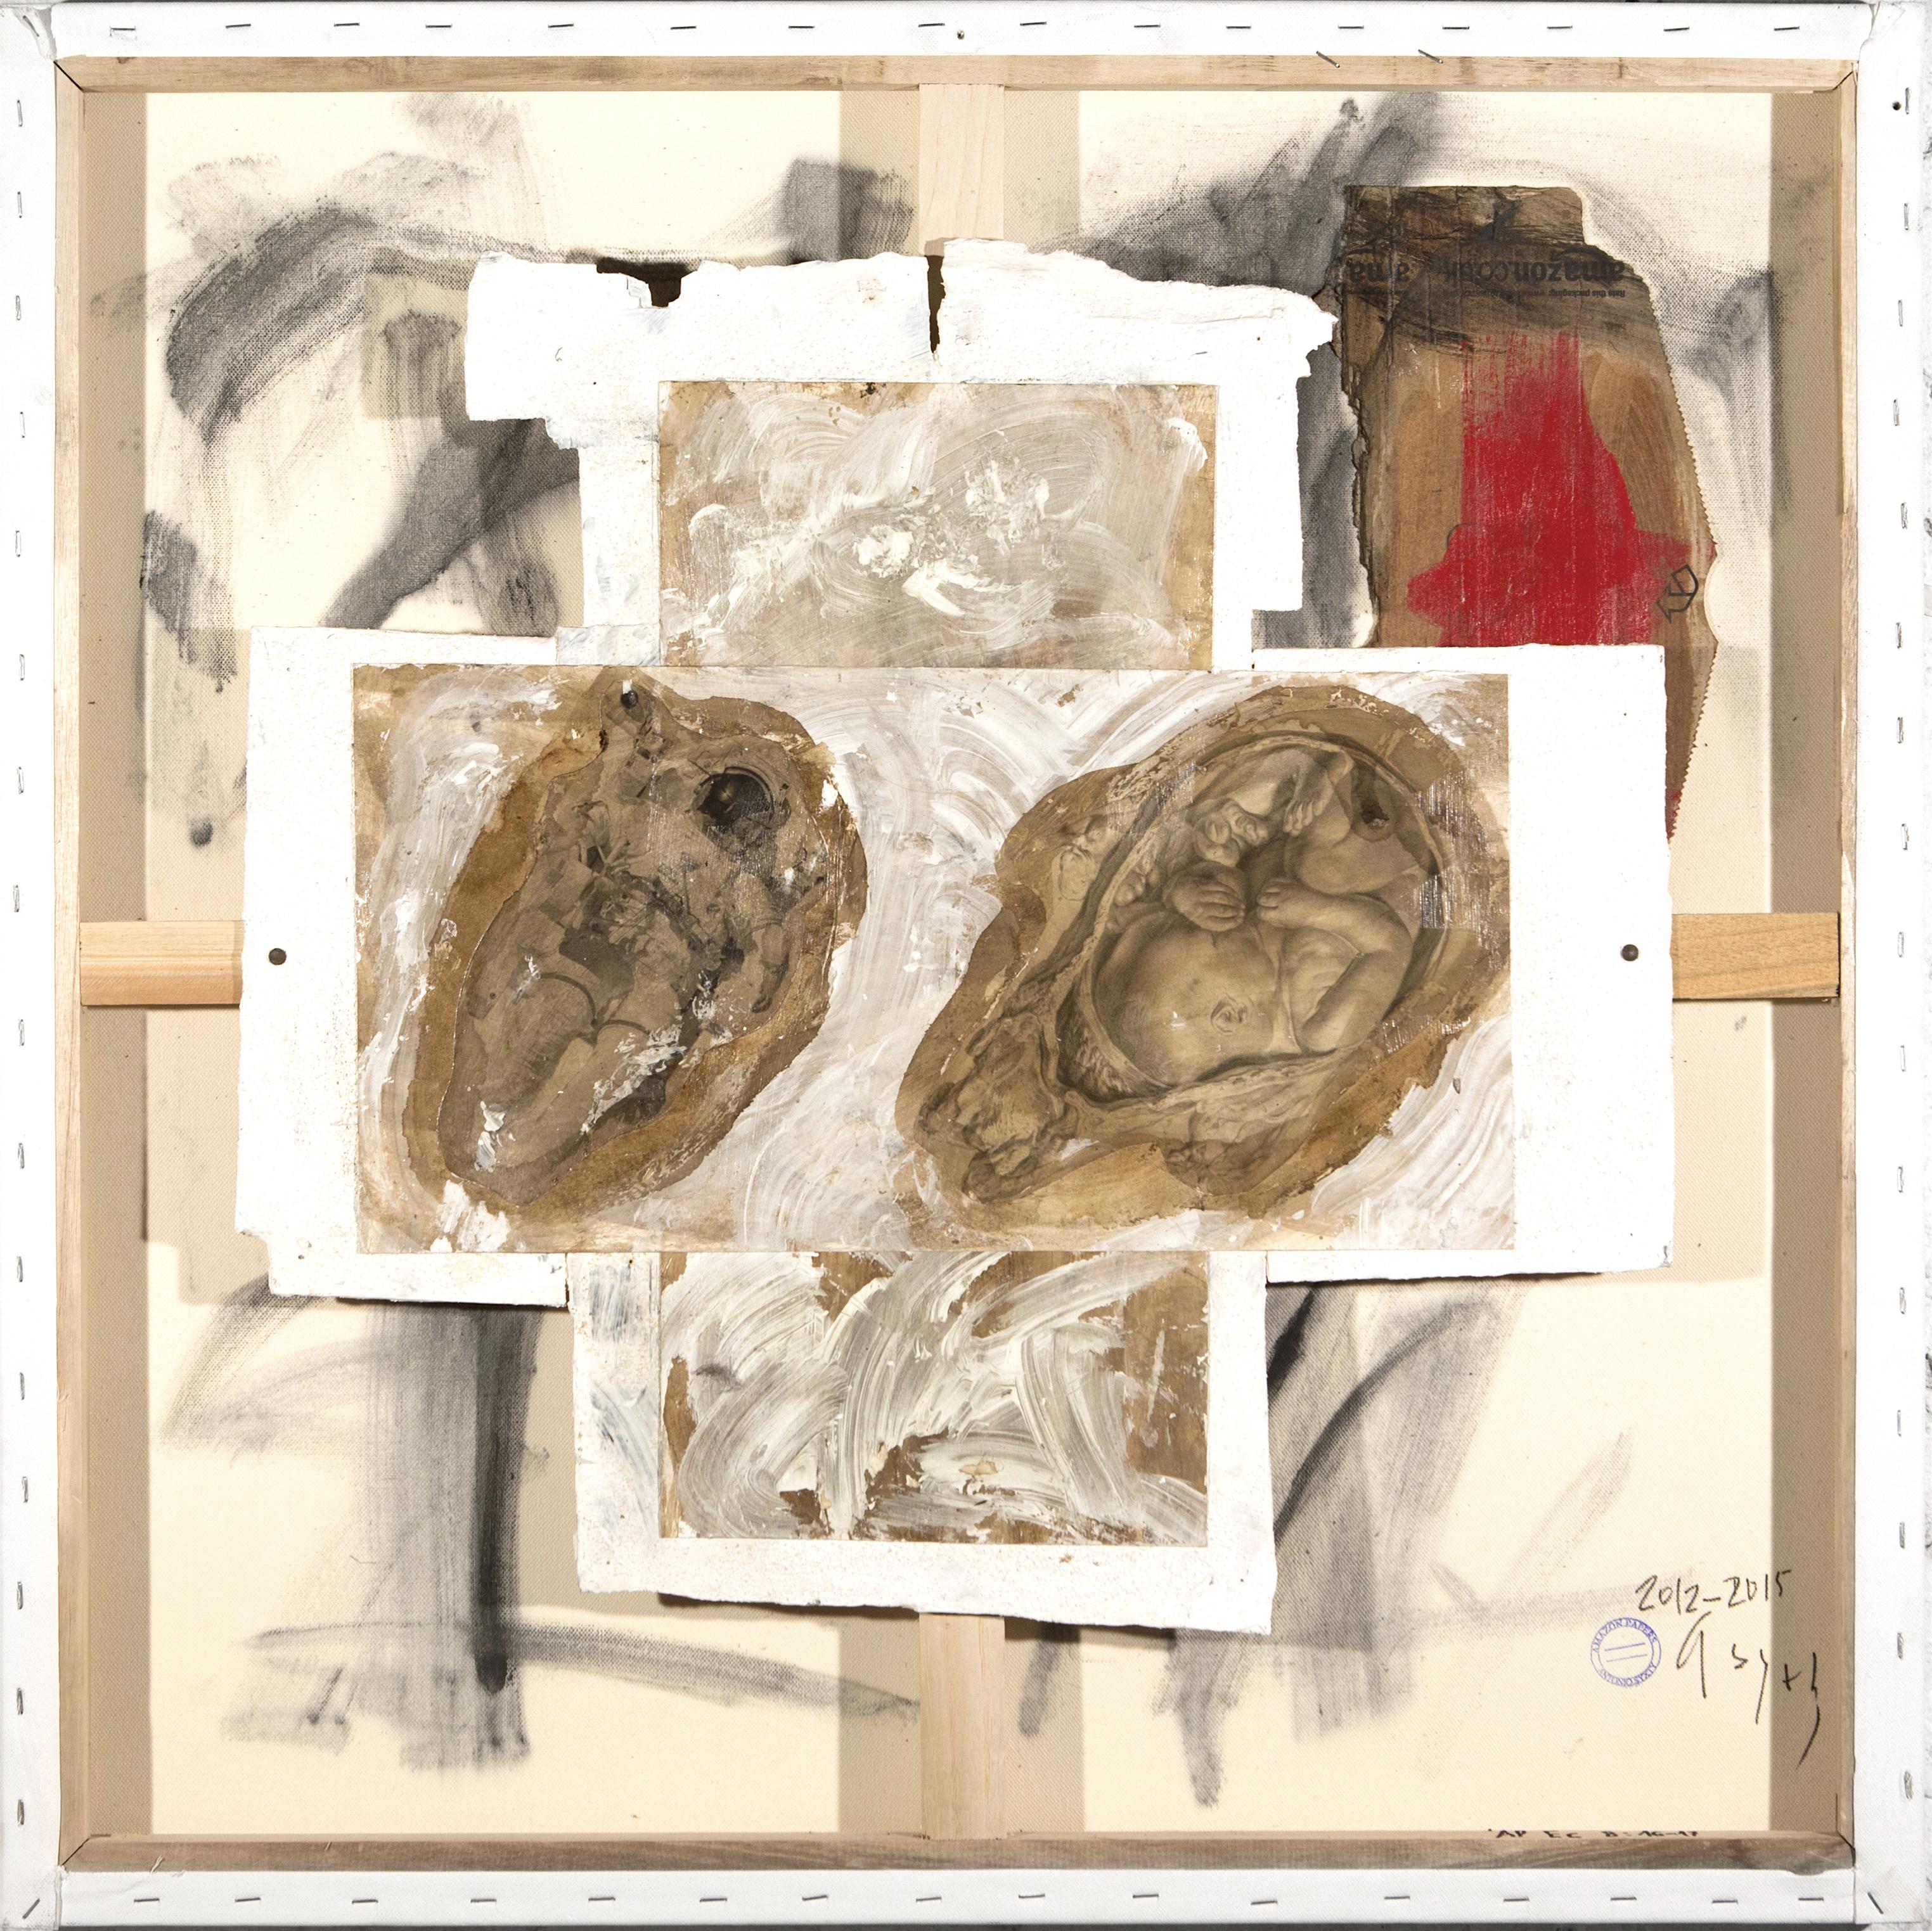 AP Ec 8_16-17, 2012-2015, tecnica mista, carta su tavola, cartone su tela rovesciata, cm 80 x 80